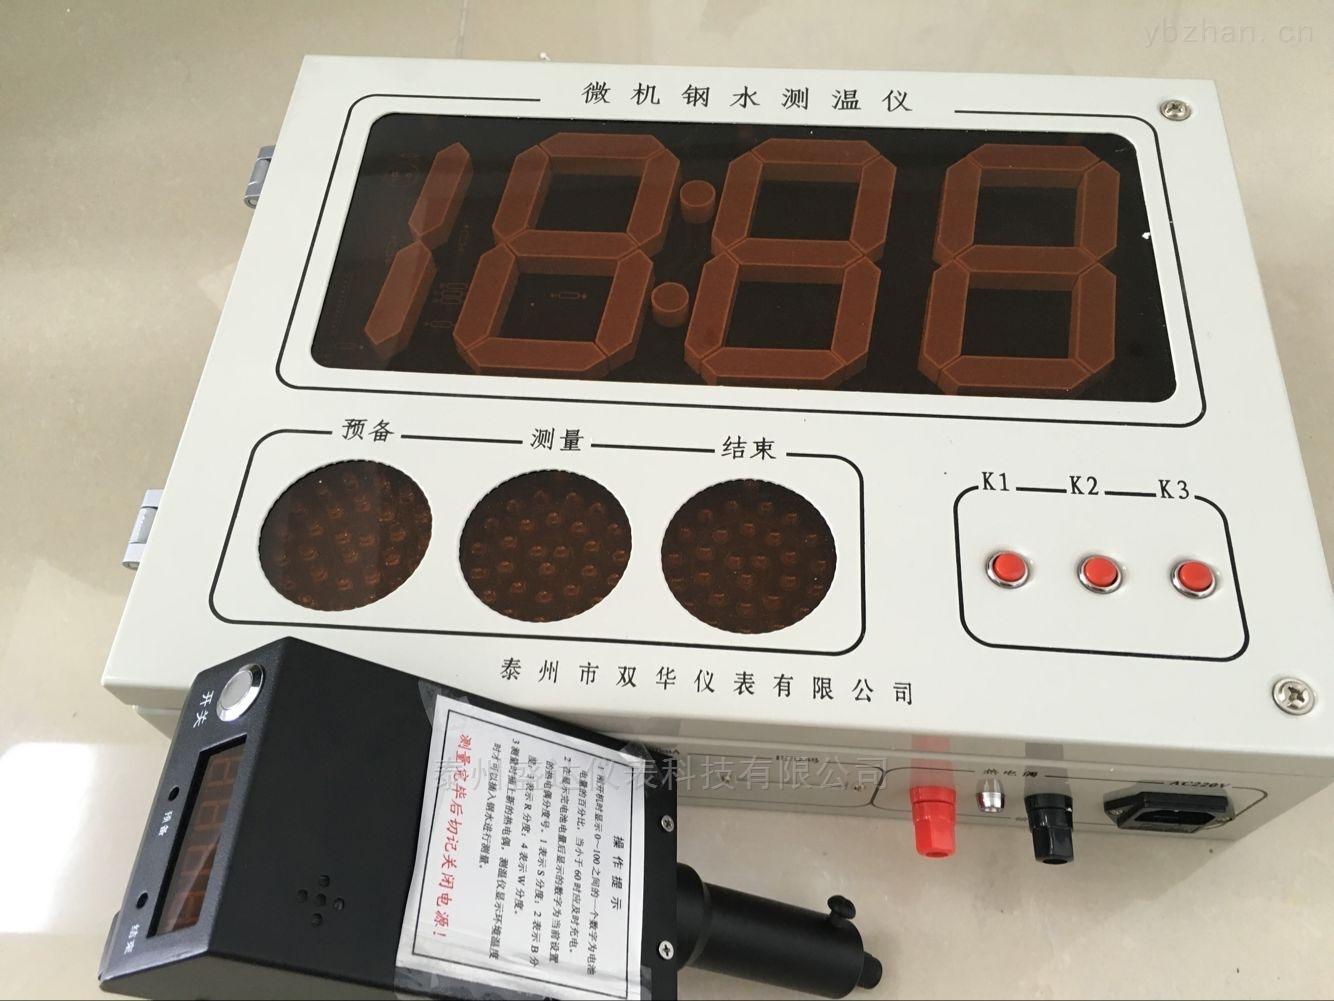 金属熔炼炉壁挂式无线大屏幕钢水测温仪